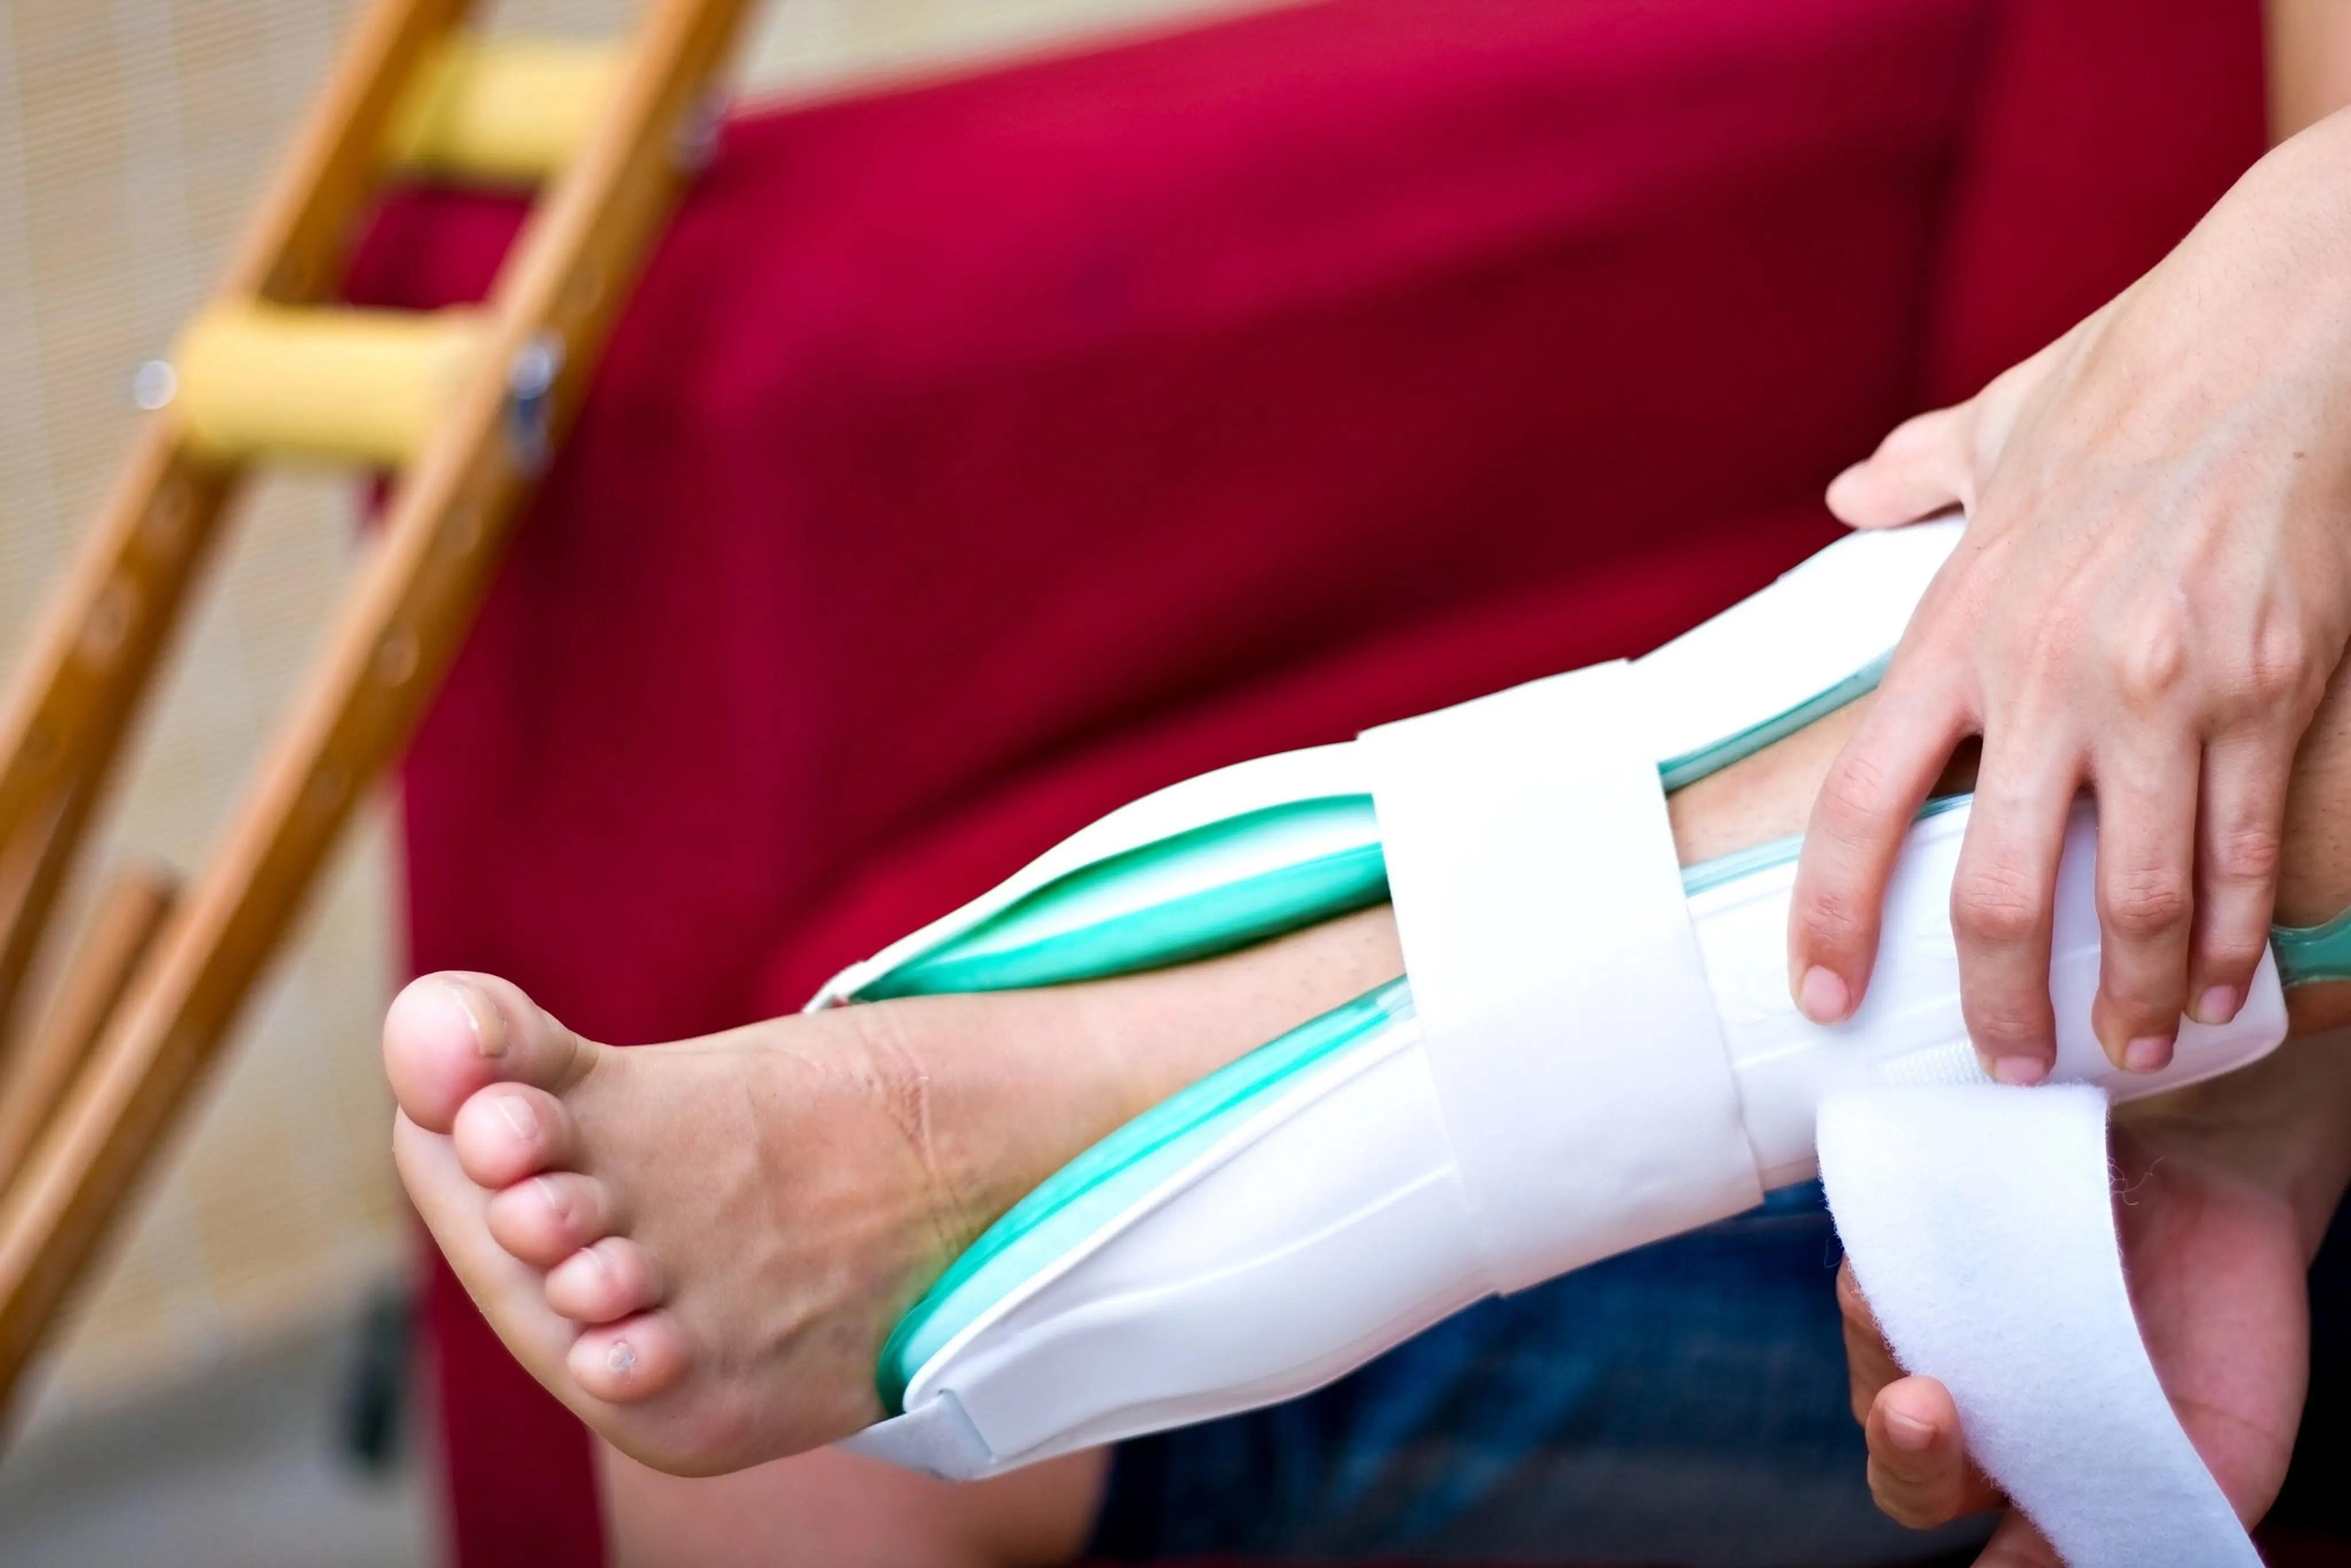 hogyan lehet kezelni a planáris artritist